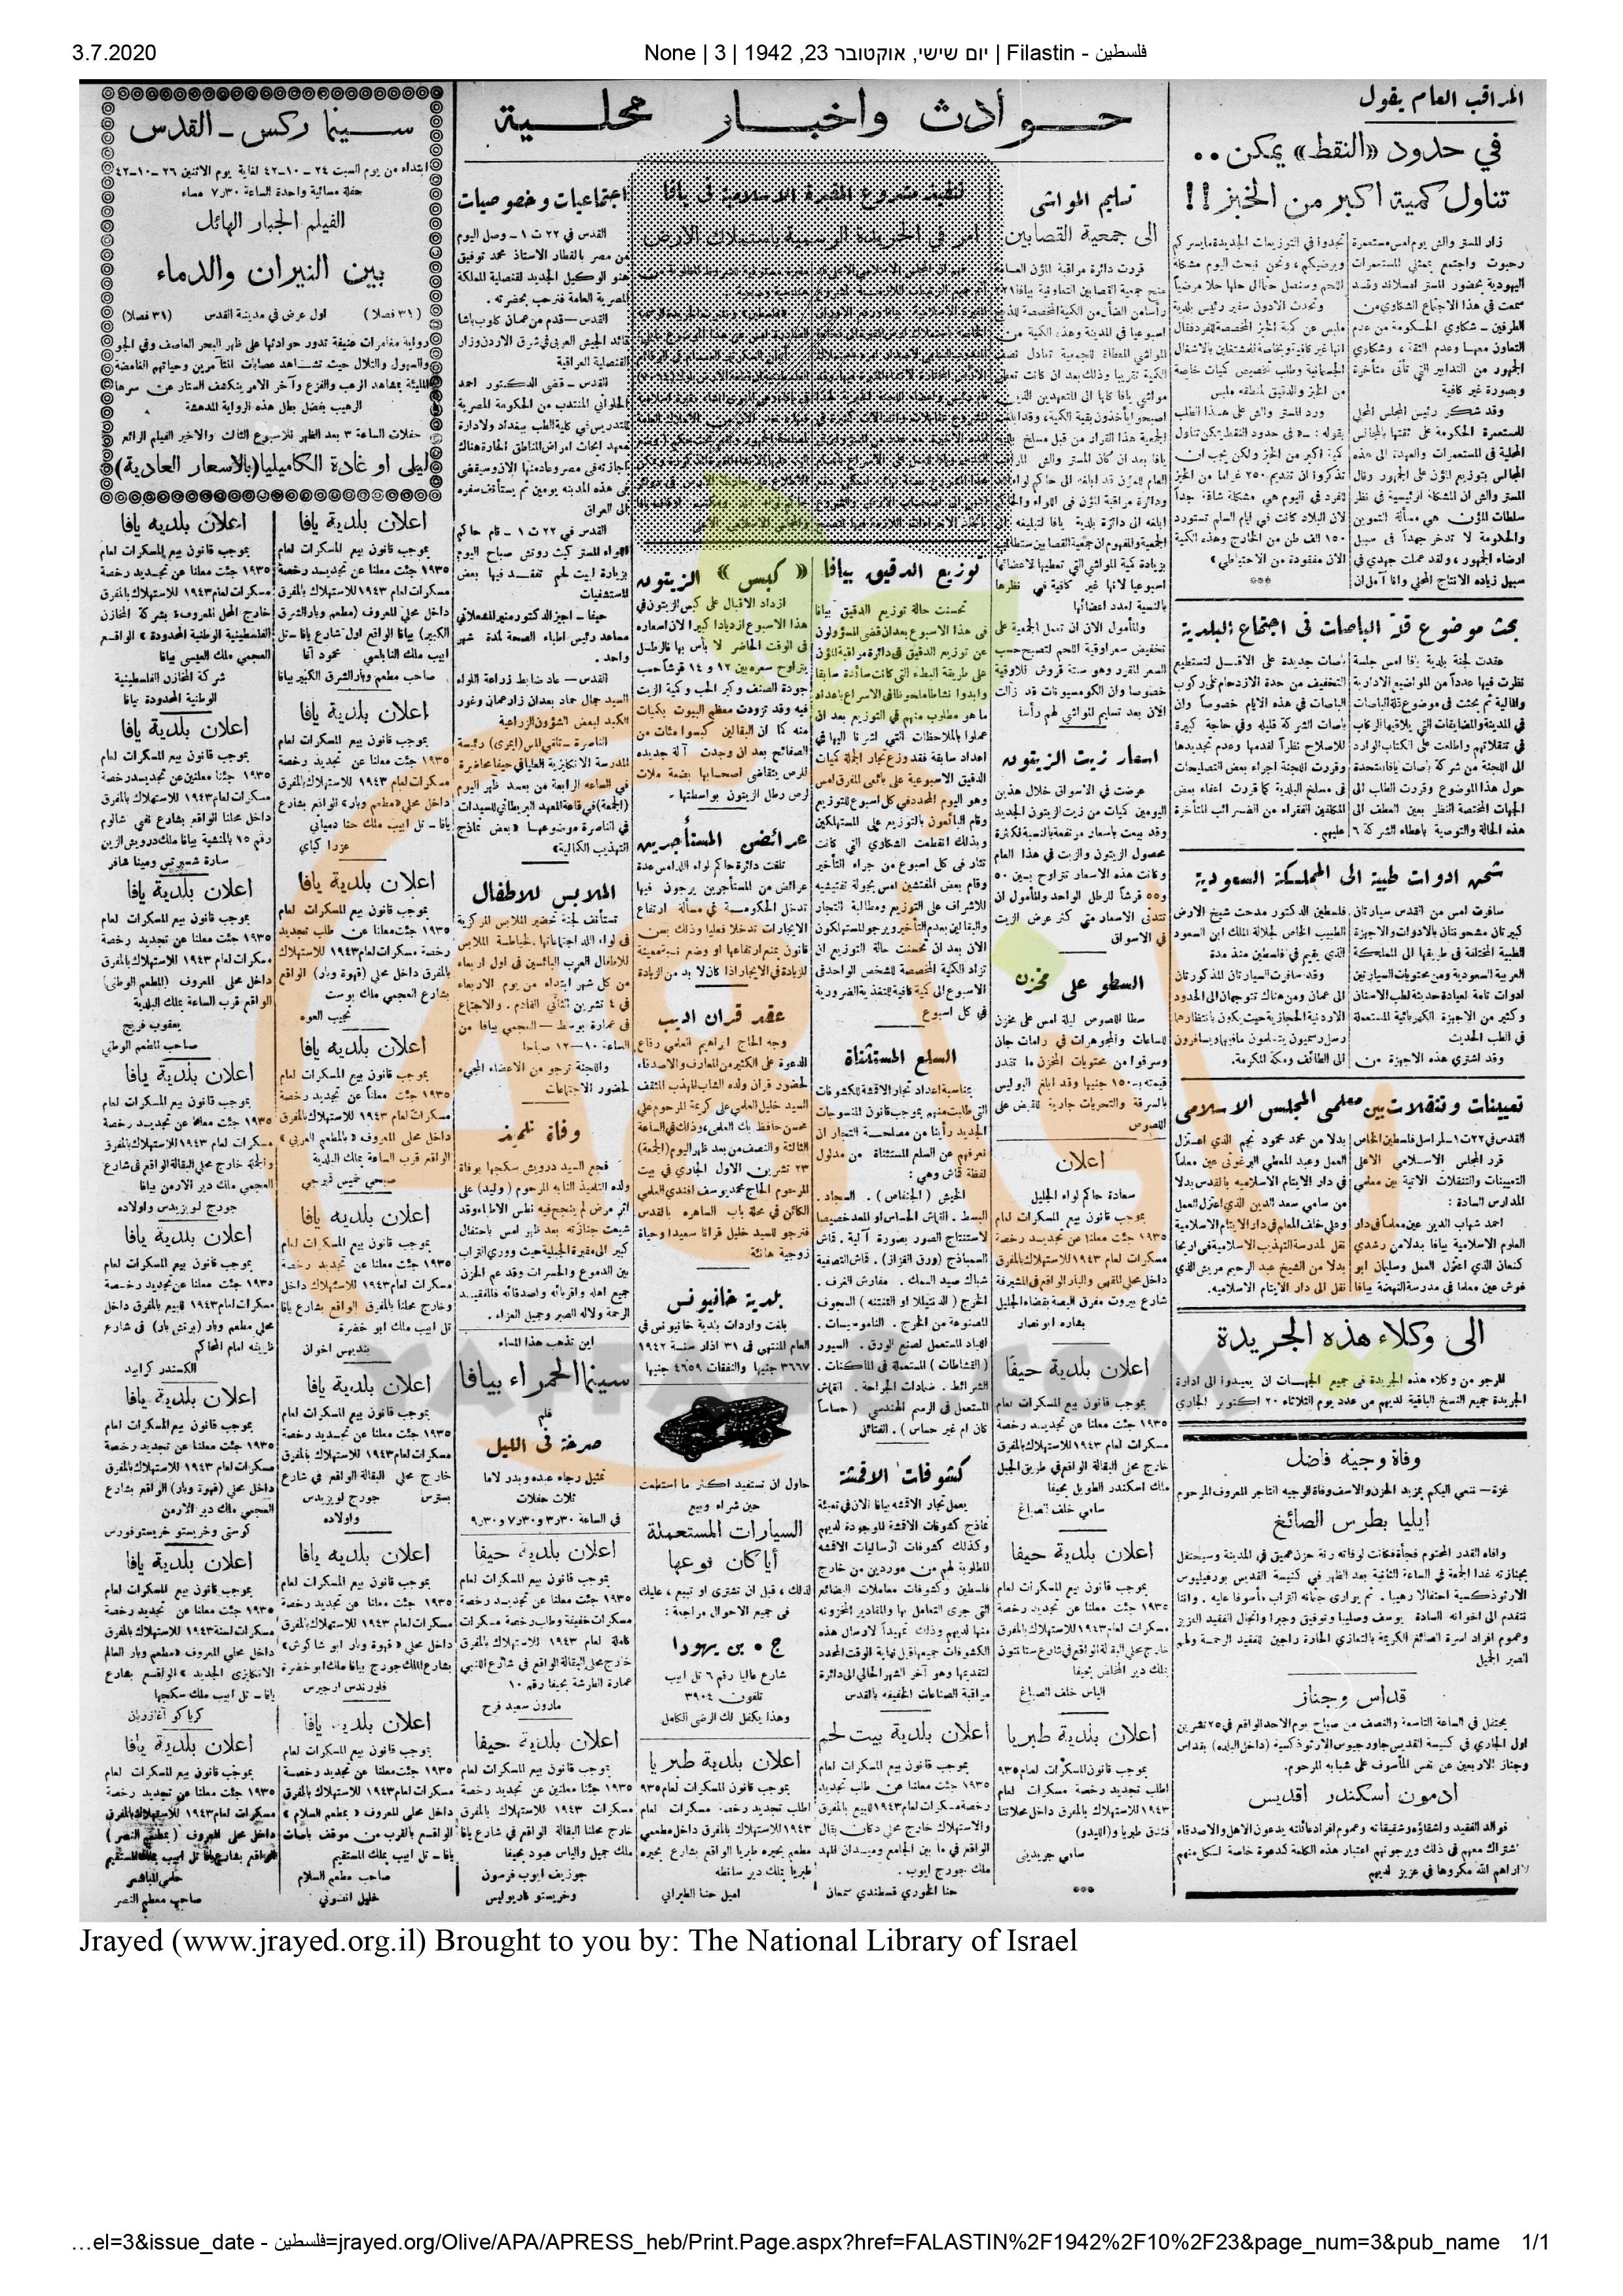 صورة نادرة.. إعلان تسجيل أرض طاسو لصالح الأوقاف الإسلاميّة في الجريدة الرسميّة عام 1942م